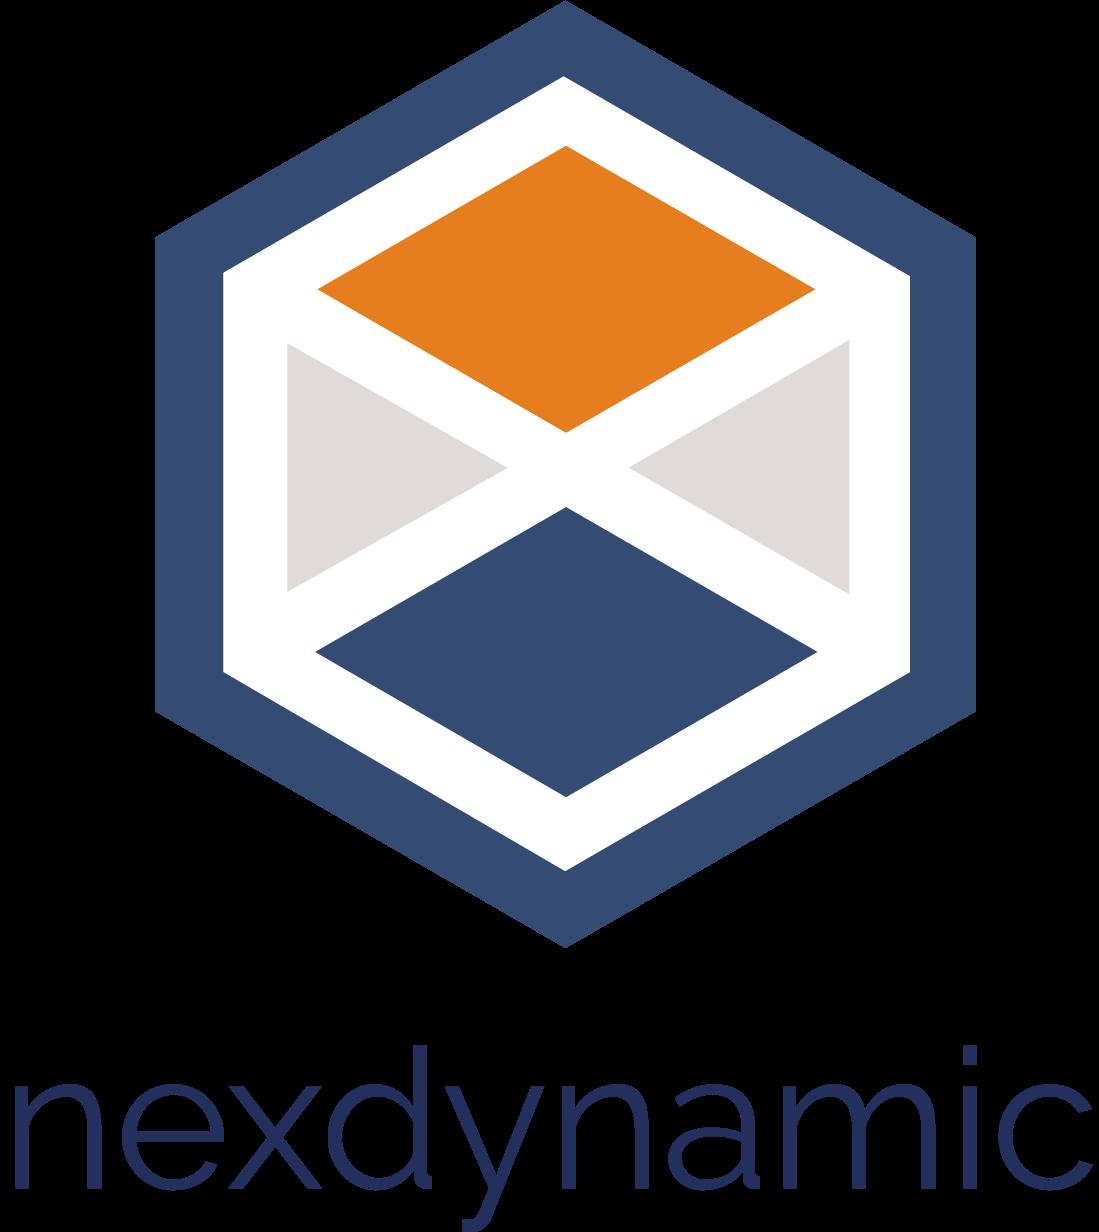 Nexdynamic